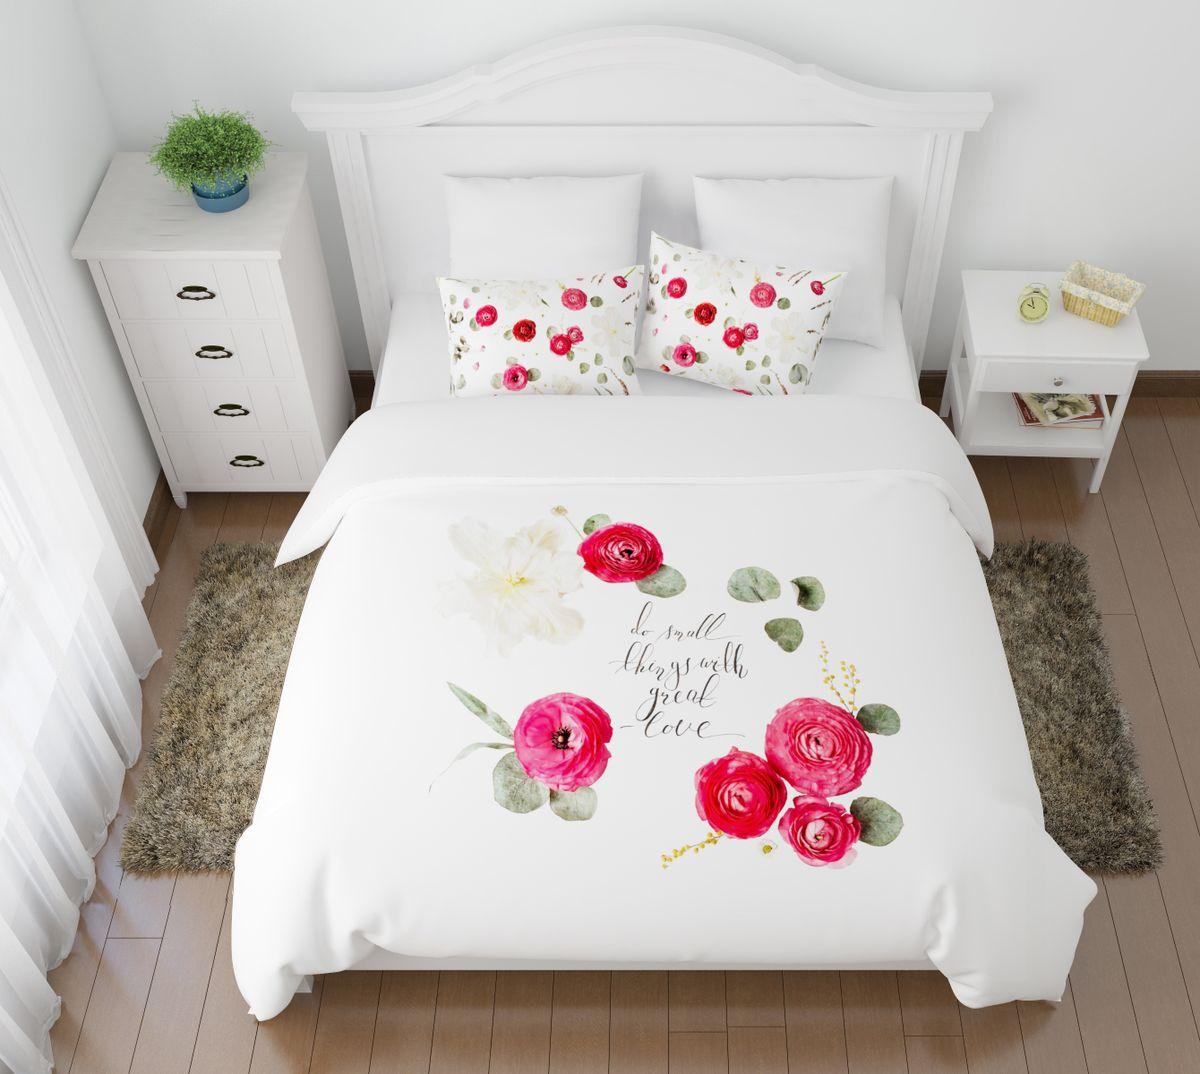 Комплект белья Сирень Веросса, 2-спальный, наволочки 50х7007847-КПБ2-МКомплект постельного белья Сирень выполнен из прочной и мягкой ткани. Четкий и стильный рисунок в сочетании с насыщенными красками делают комплект постельного белья неповторимой изюминкой любого интерьера.Постельное белье идеально подойдет для подарка. Идеальное соотношение смешенной ткани и гипоаллергенных красок - это гарантия здорового, спокойного сна. Ткань хорошо впитывает влагу, надолго сохраняет яркость красок.В комплект входят: простыня, пододеяльник, две наволочки. Постельное белье легко стирать при 30-40°С, гладить при 150°С, не отбеливать. Рекомендуется перед первым использованием постирать.УВАЖАЕМЫЕ КЛИЕНТЫ! Обращаем ваше внимание, что цвет простыни, пододеяльника, наволочки в комплектации может немного отличаться от представленного на фото.